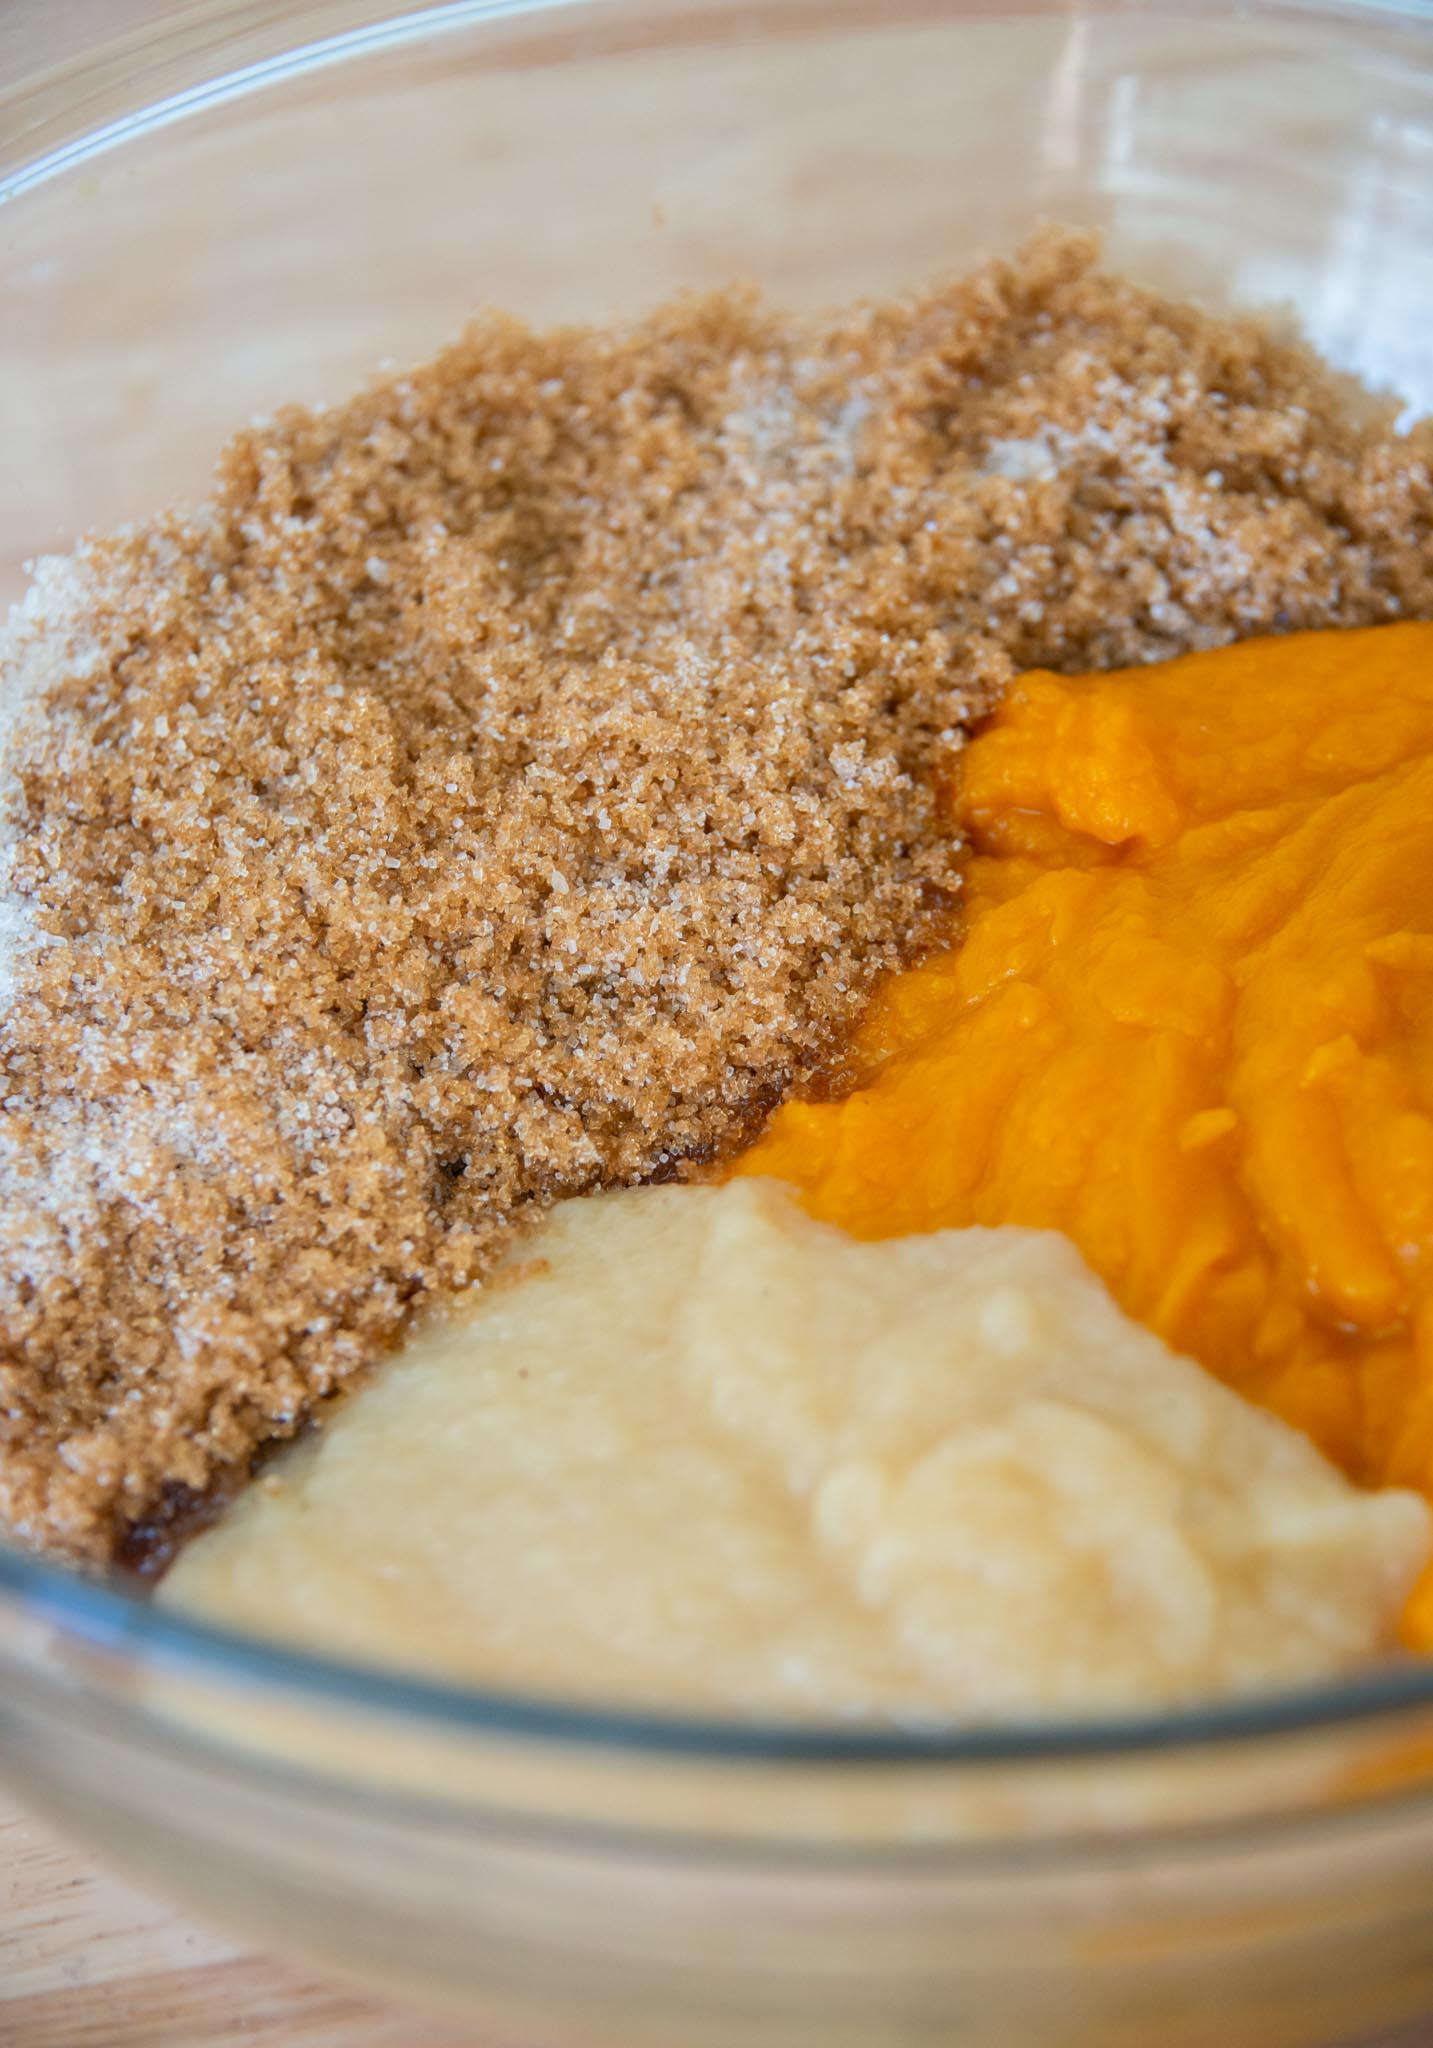 Mixed_And_Measured_Vegan_Pumpkin_Muffins-8485.jpg